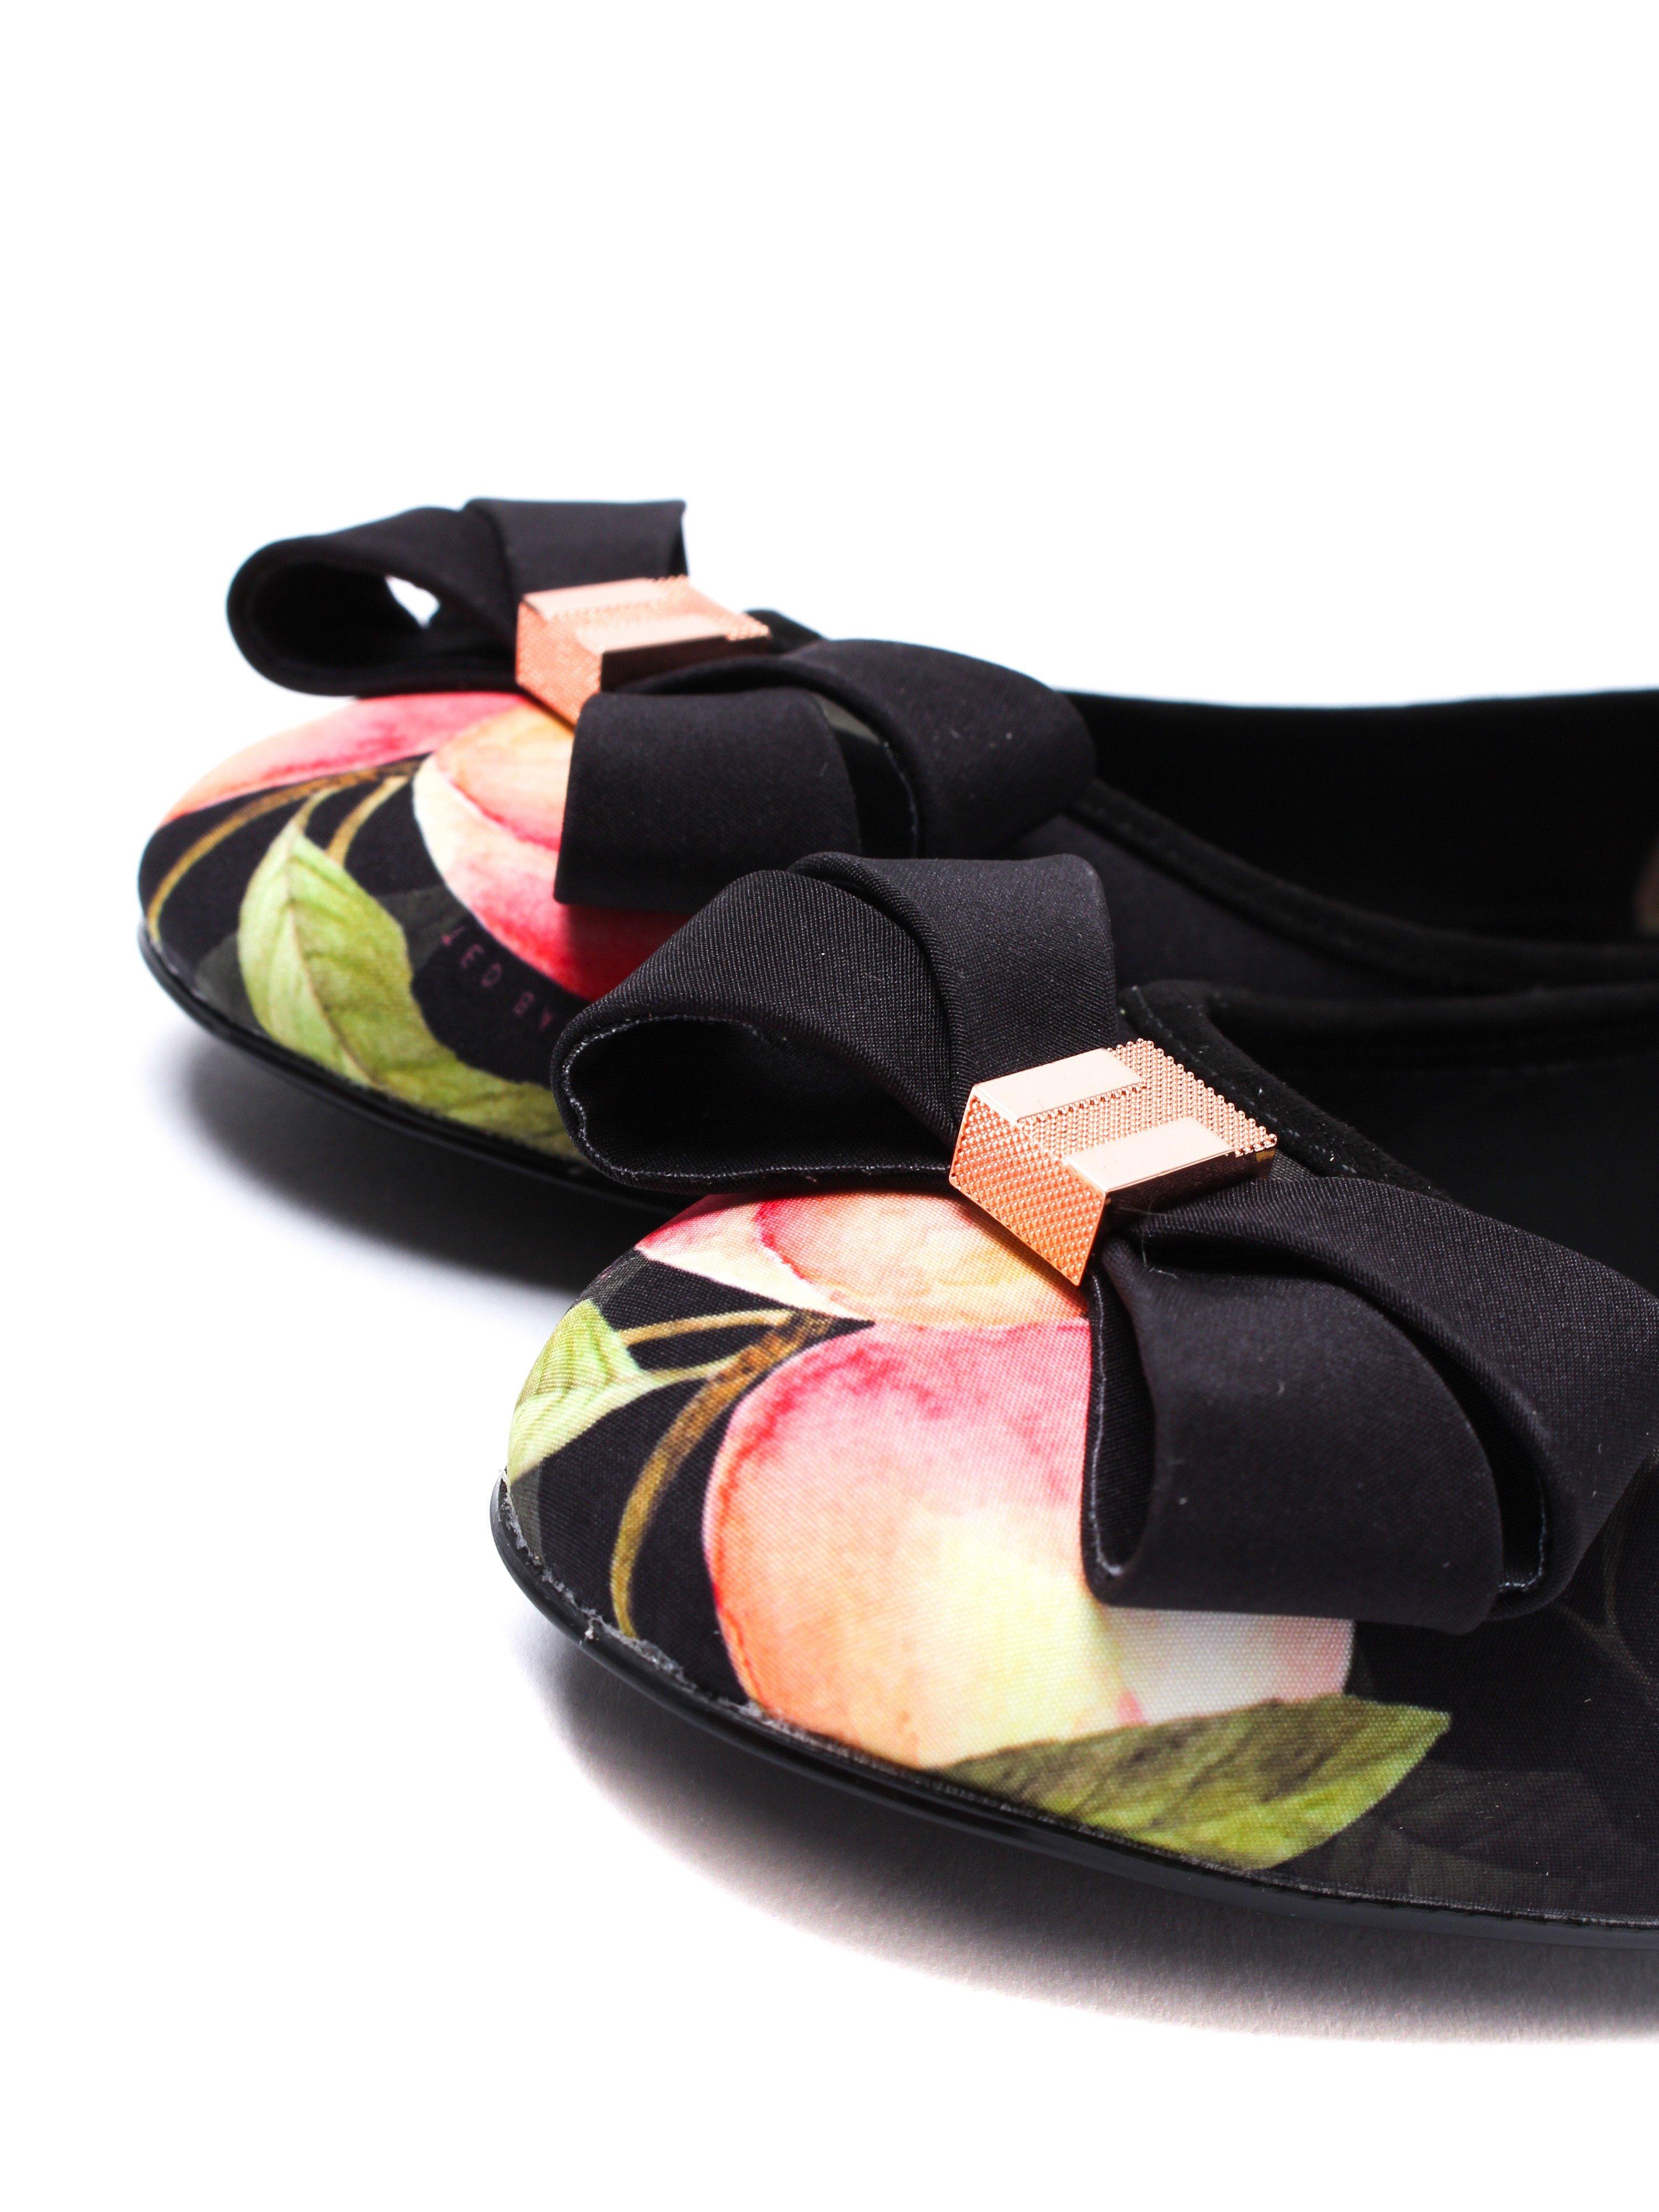 Ted Baker Women's Immep 2 Ballerinas - Black Peach Blossom